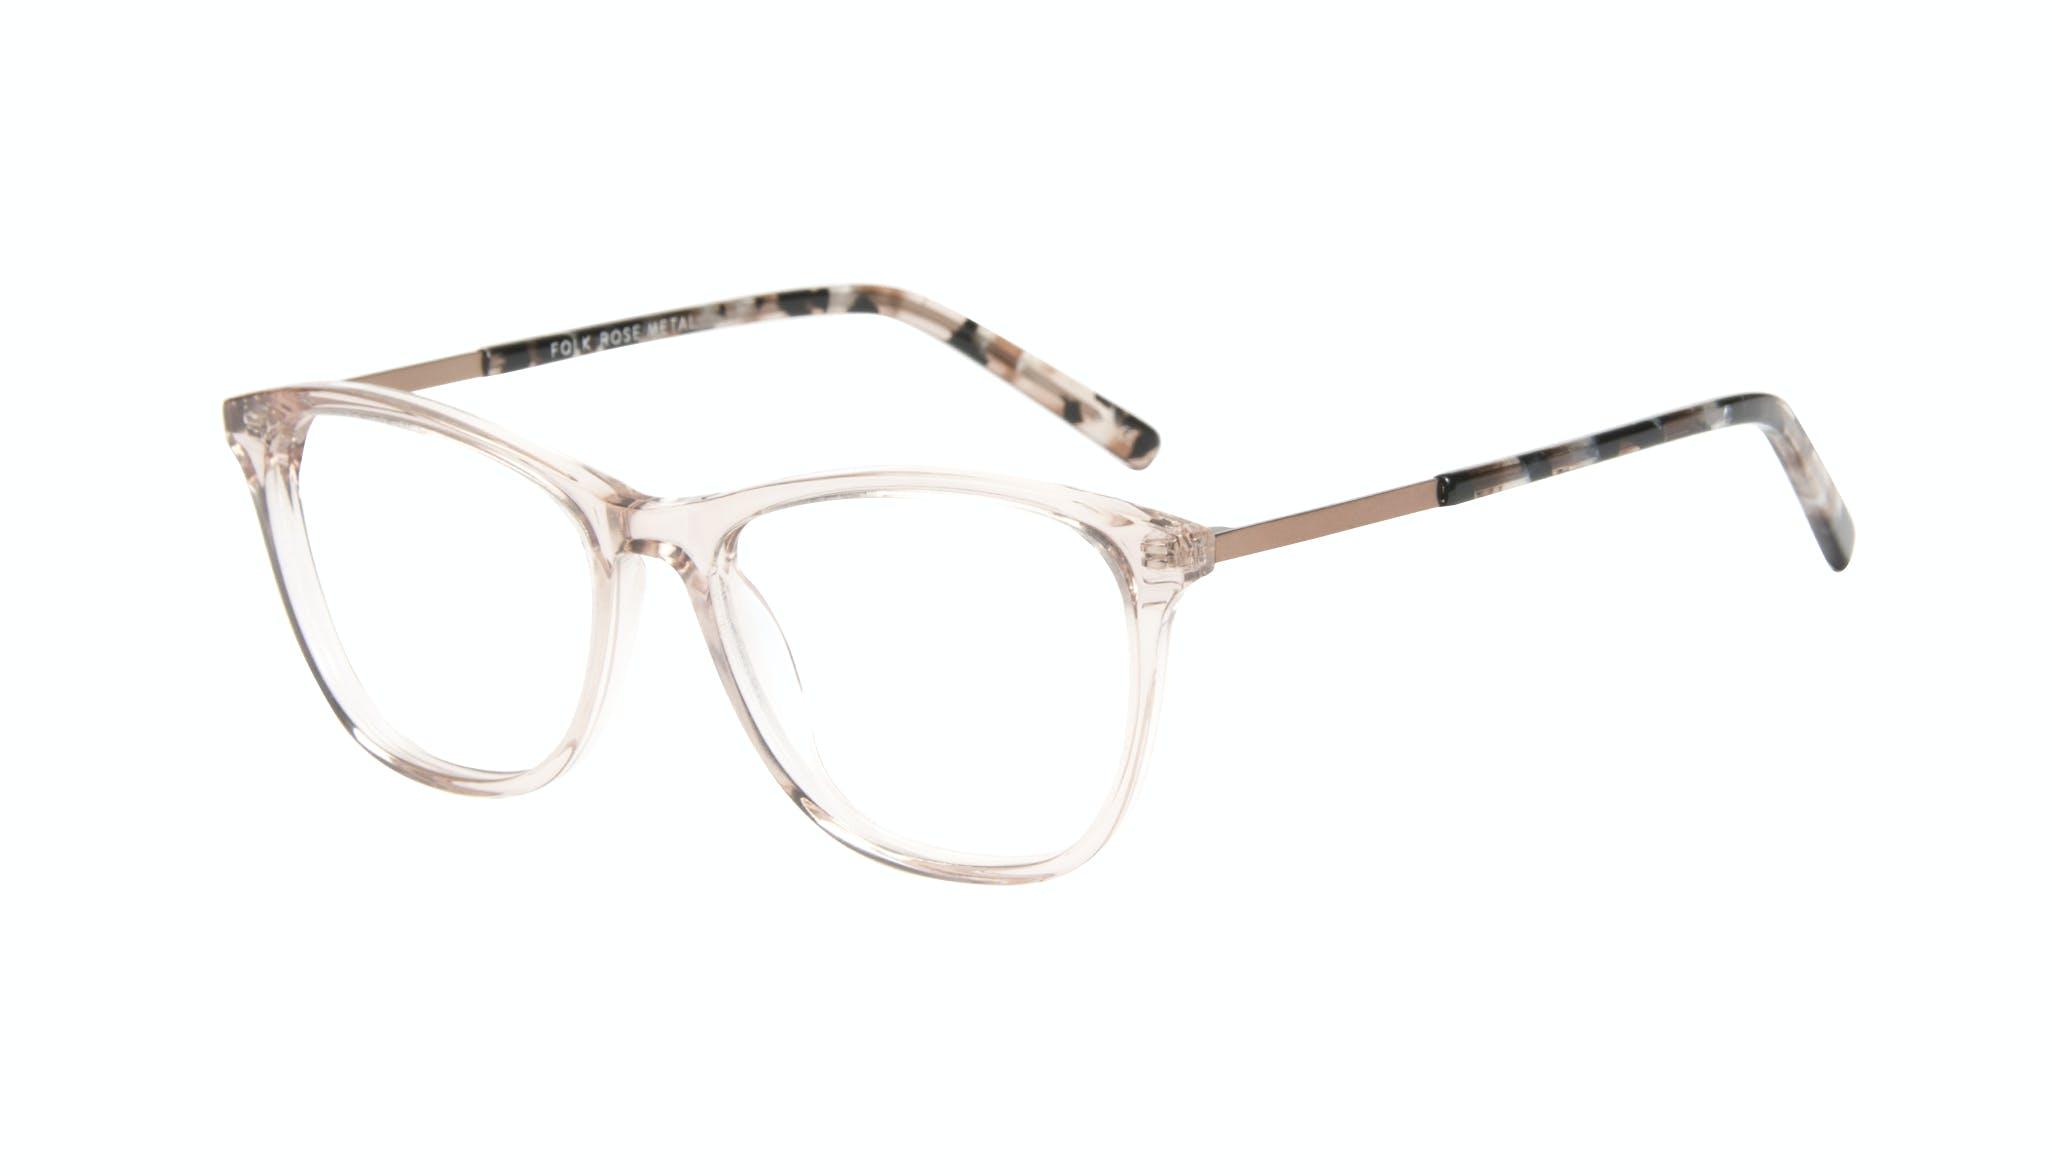 Affordable Fashion Glasses Cat Eye Rectangle Eyeglasses Women Folk Rose Metal Tilt